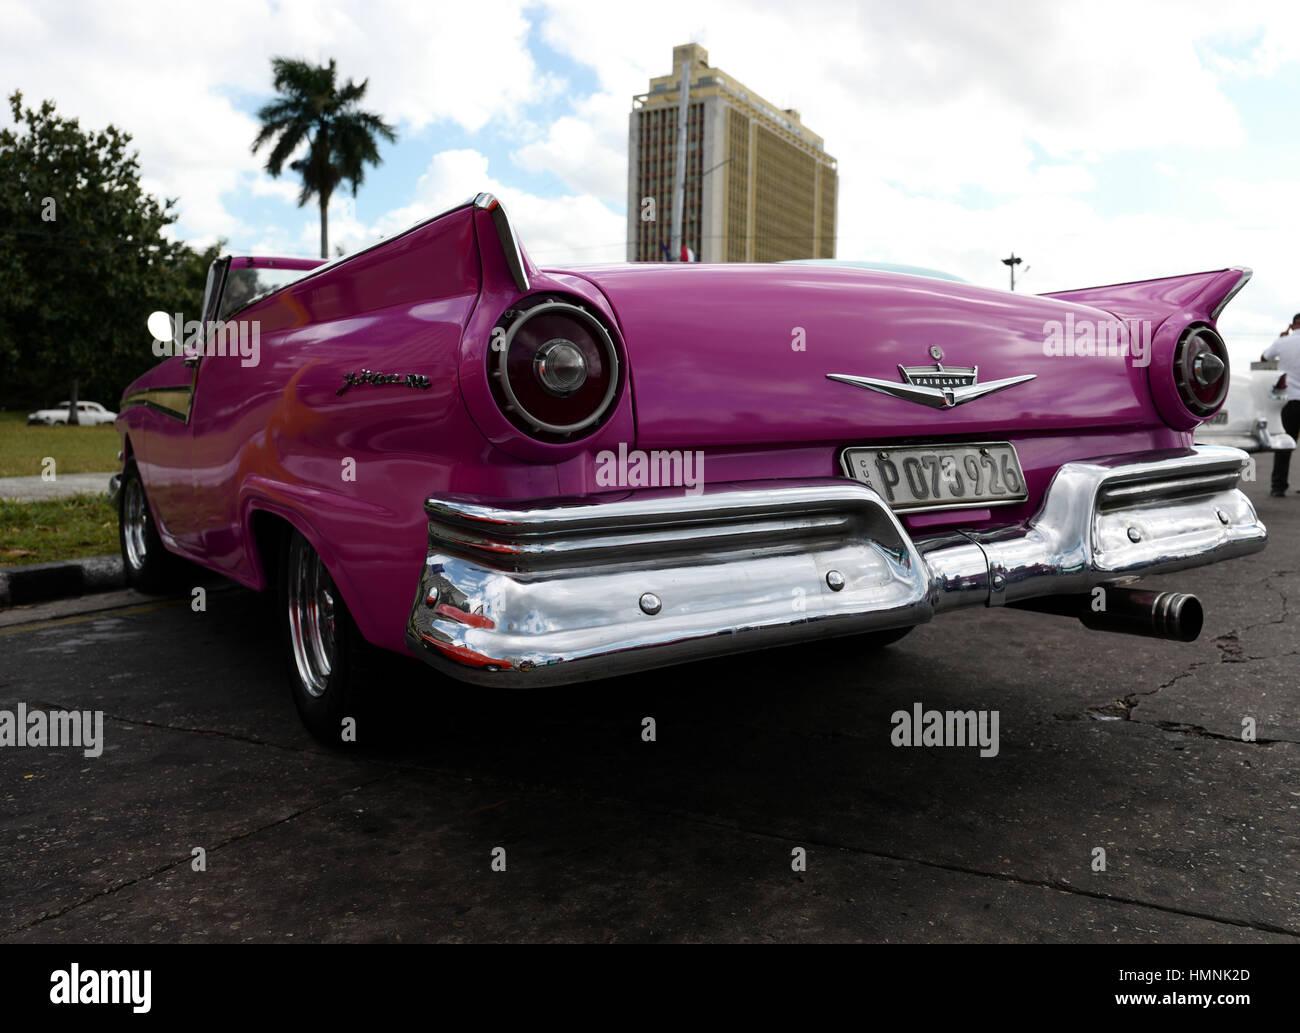 Cuba Avana strada strada strada vecchia auto fairlane ruote Ruote rosa turist caribe tropical paraurti del cofano Immagini Stock